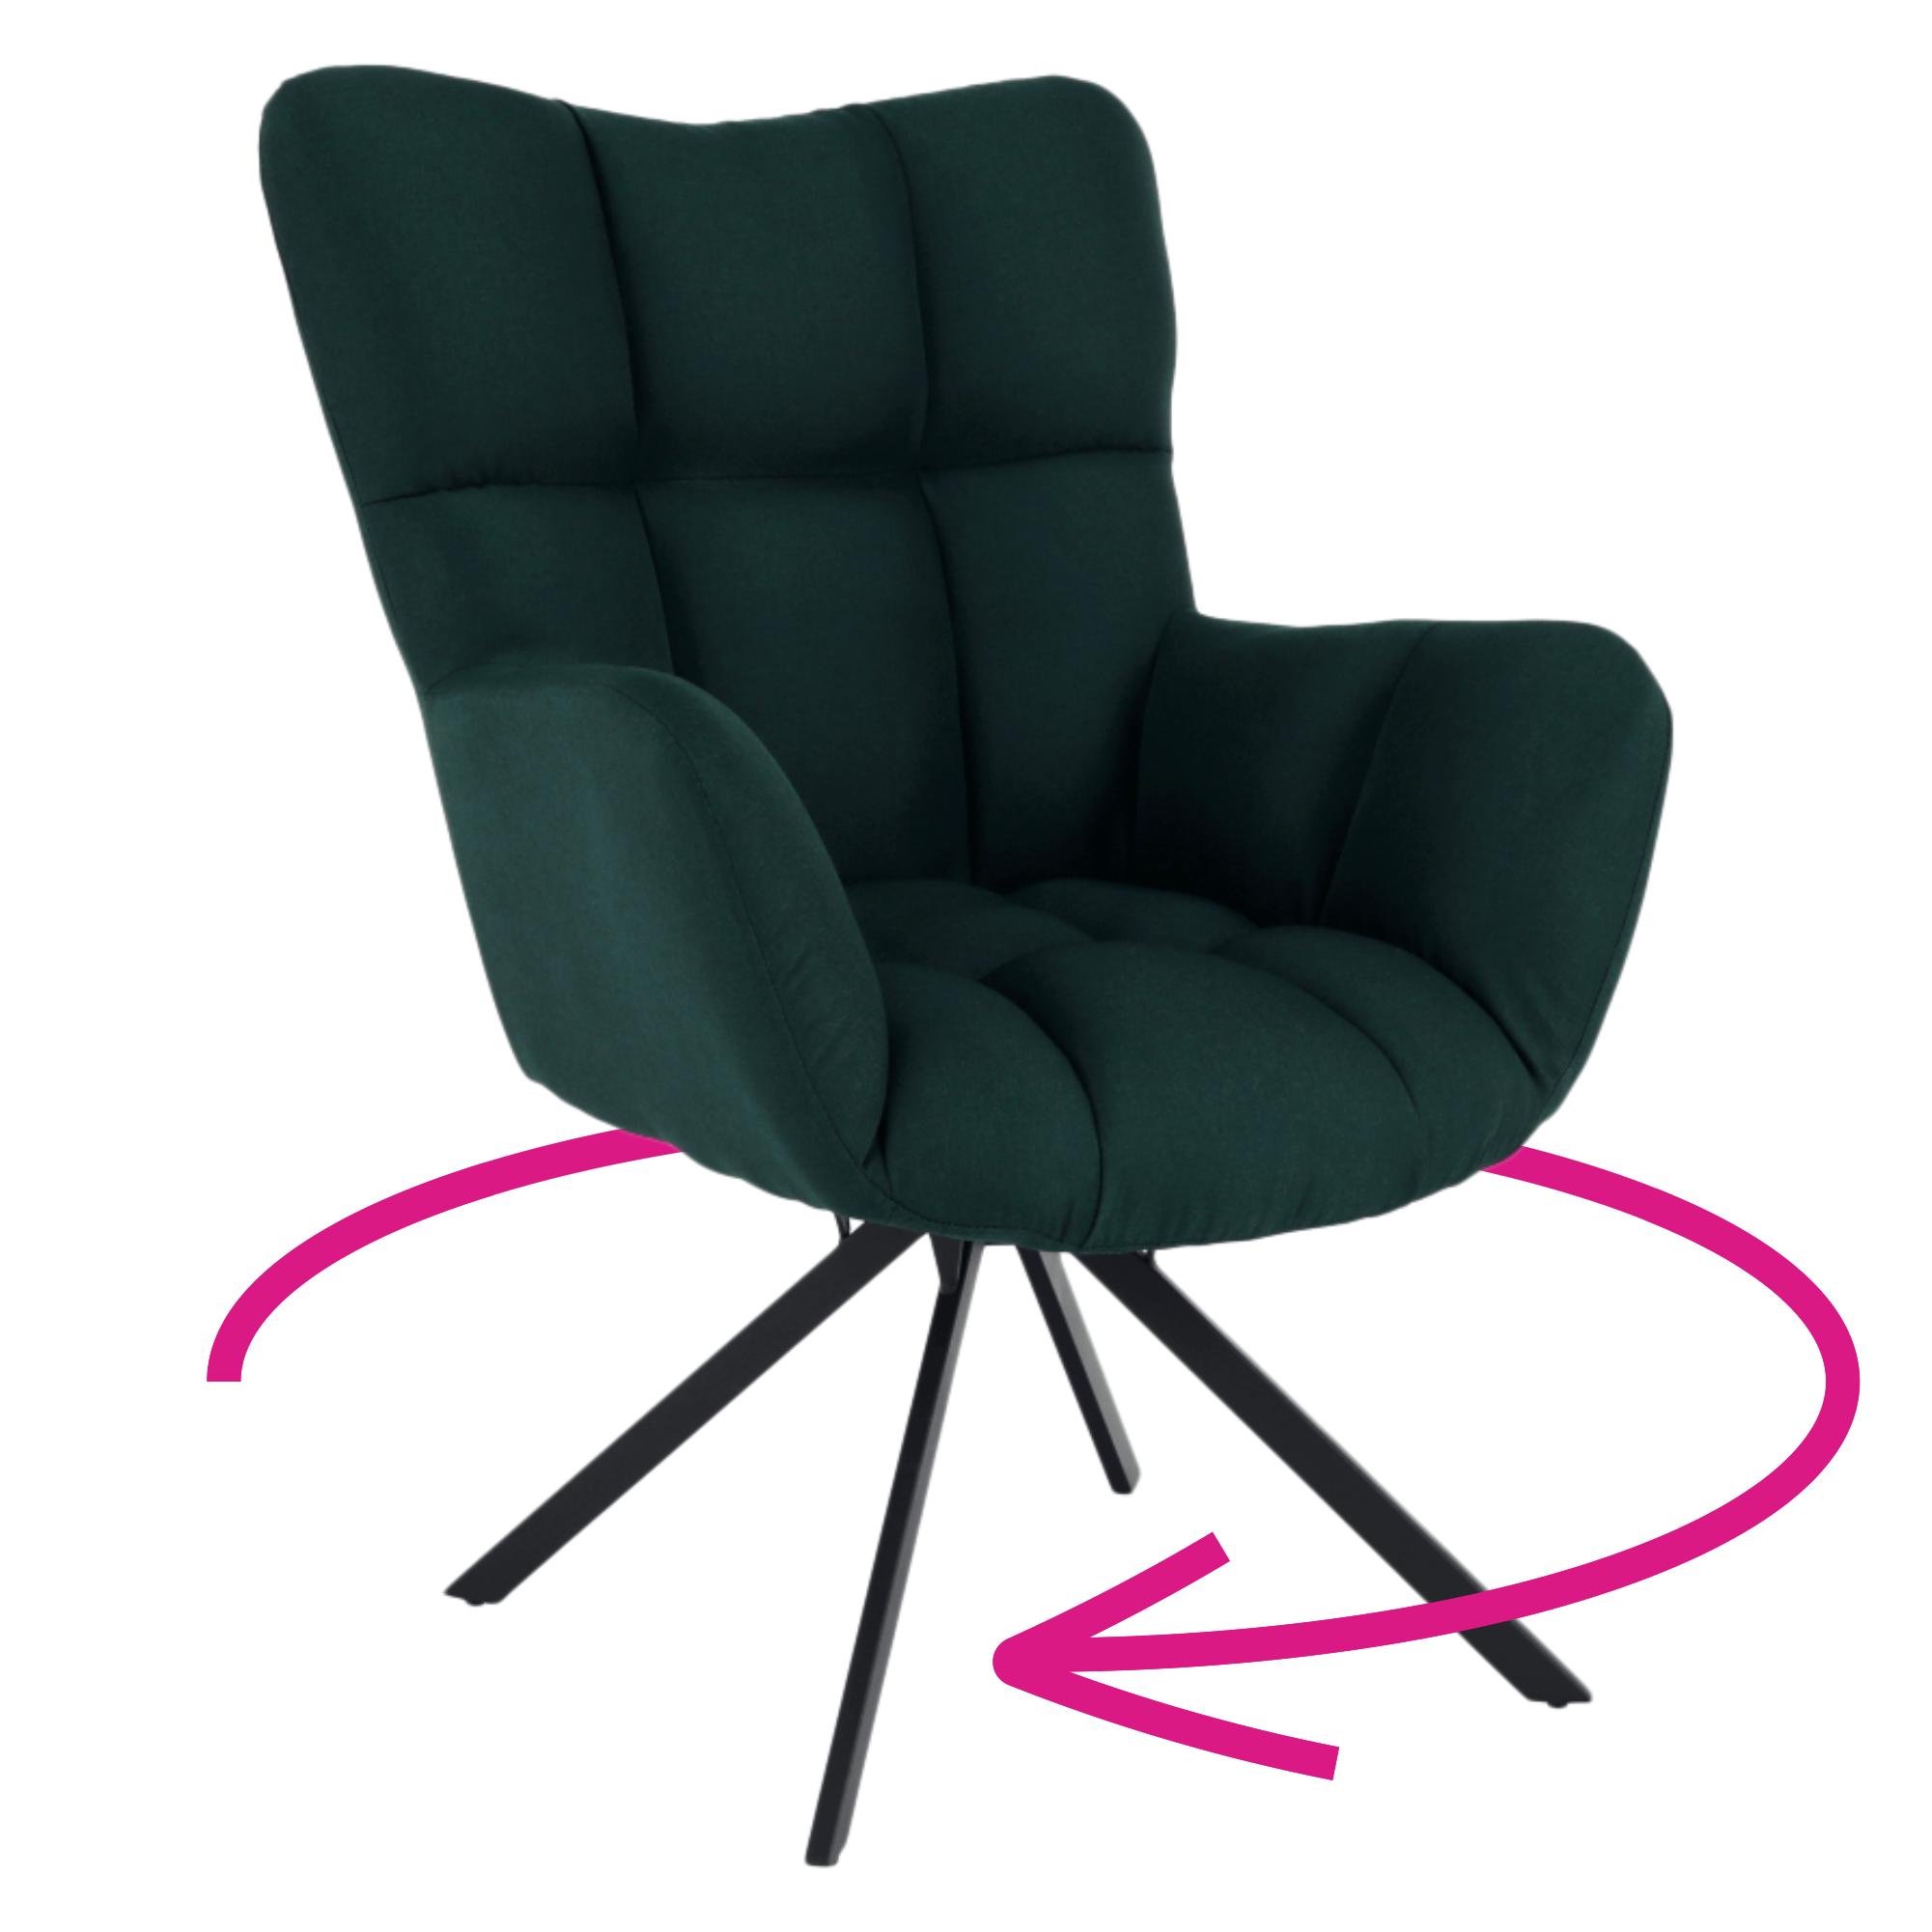 Dizajnové otočné kreslo, zelená  látka/čierna, KOMODO